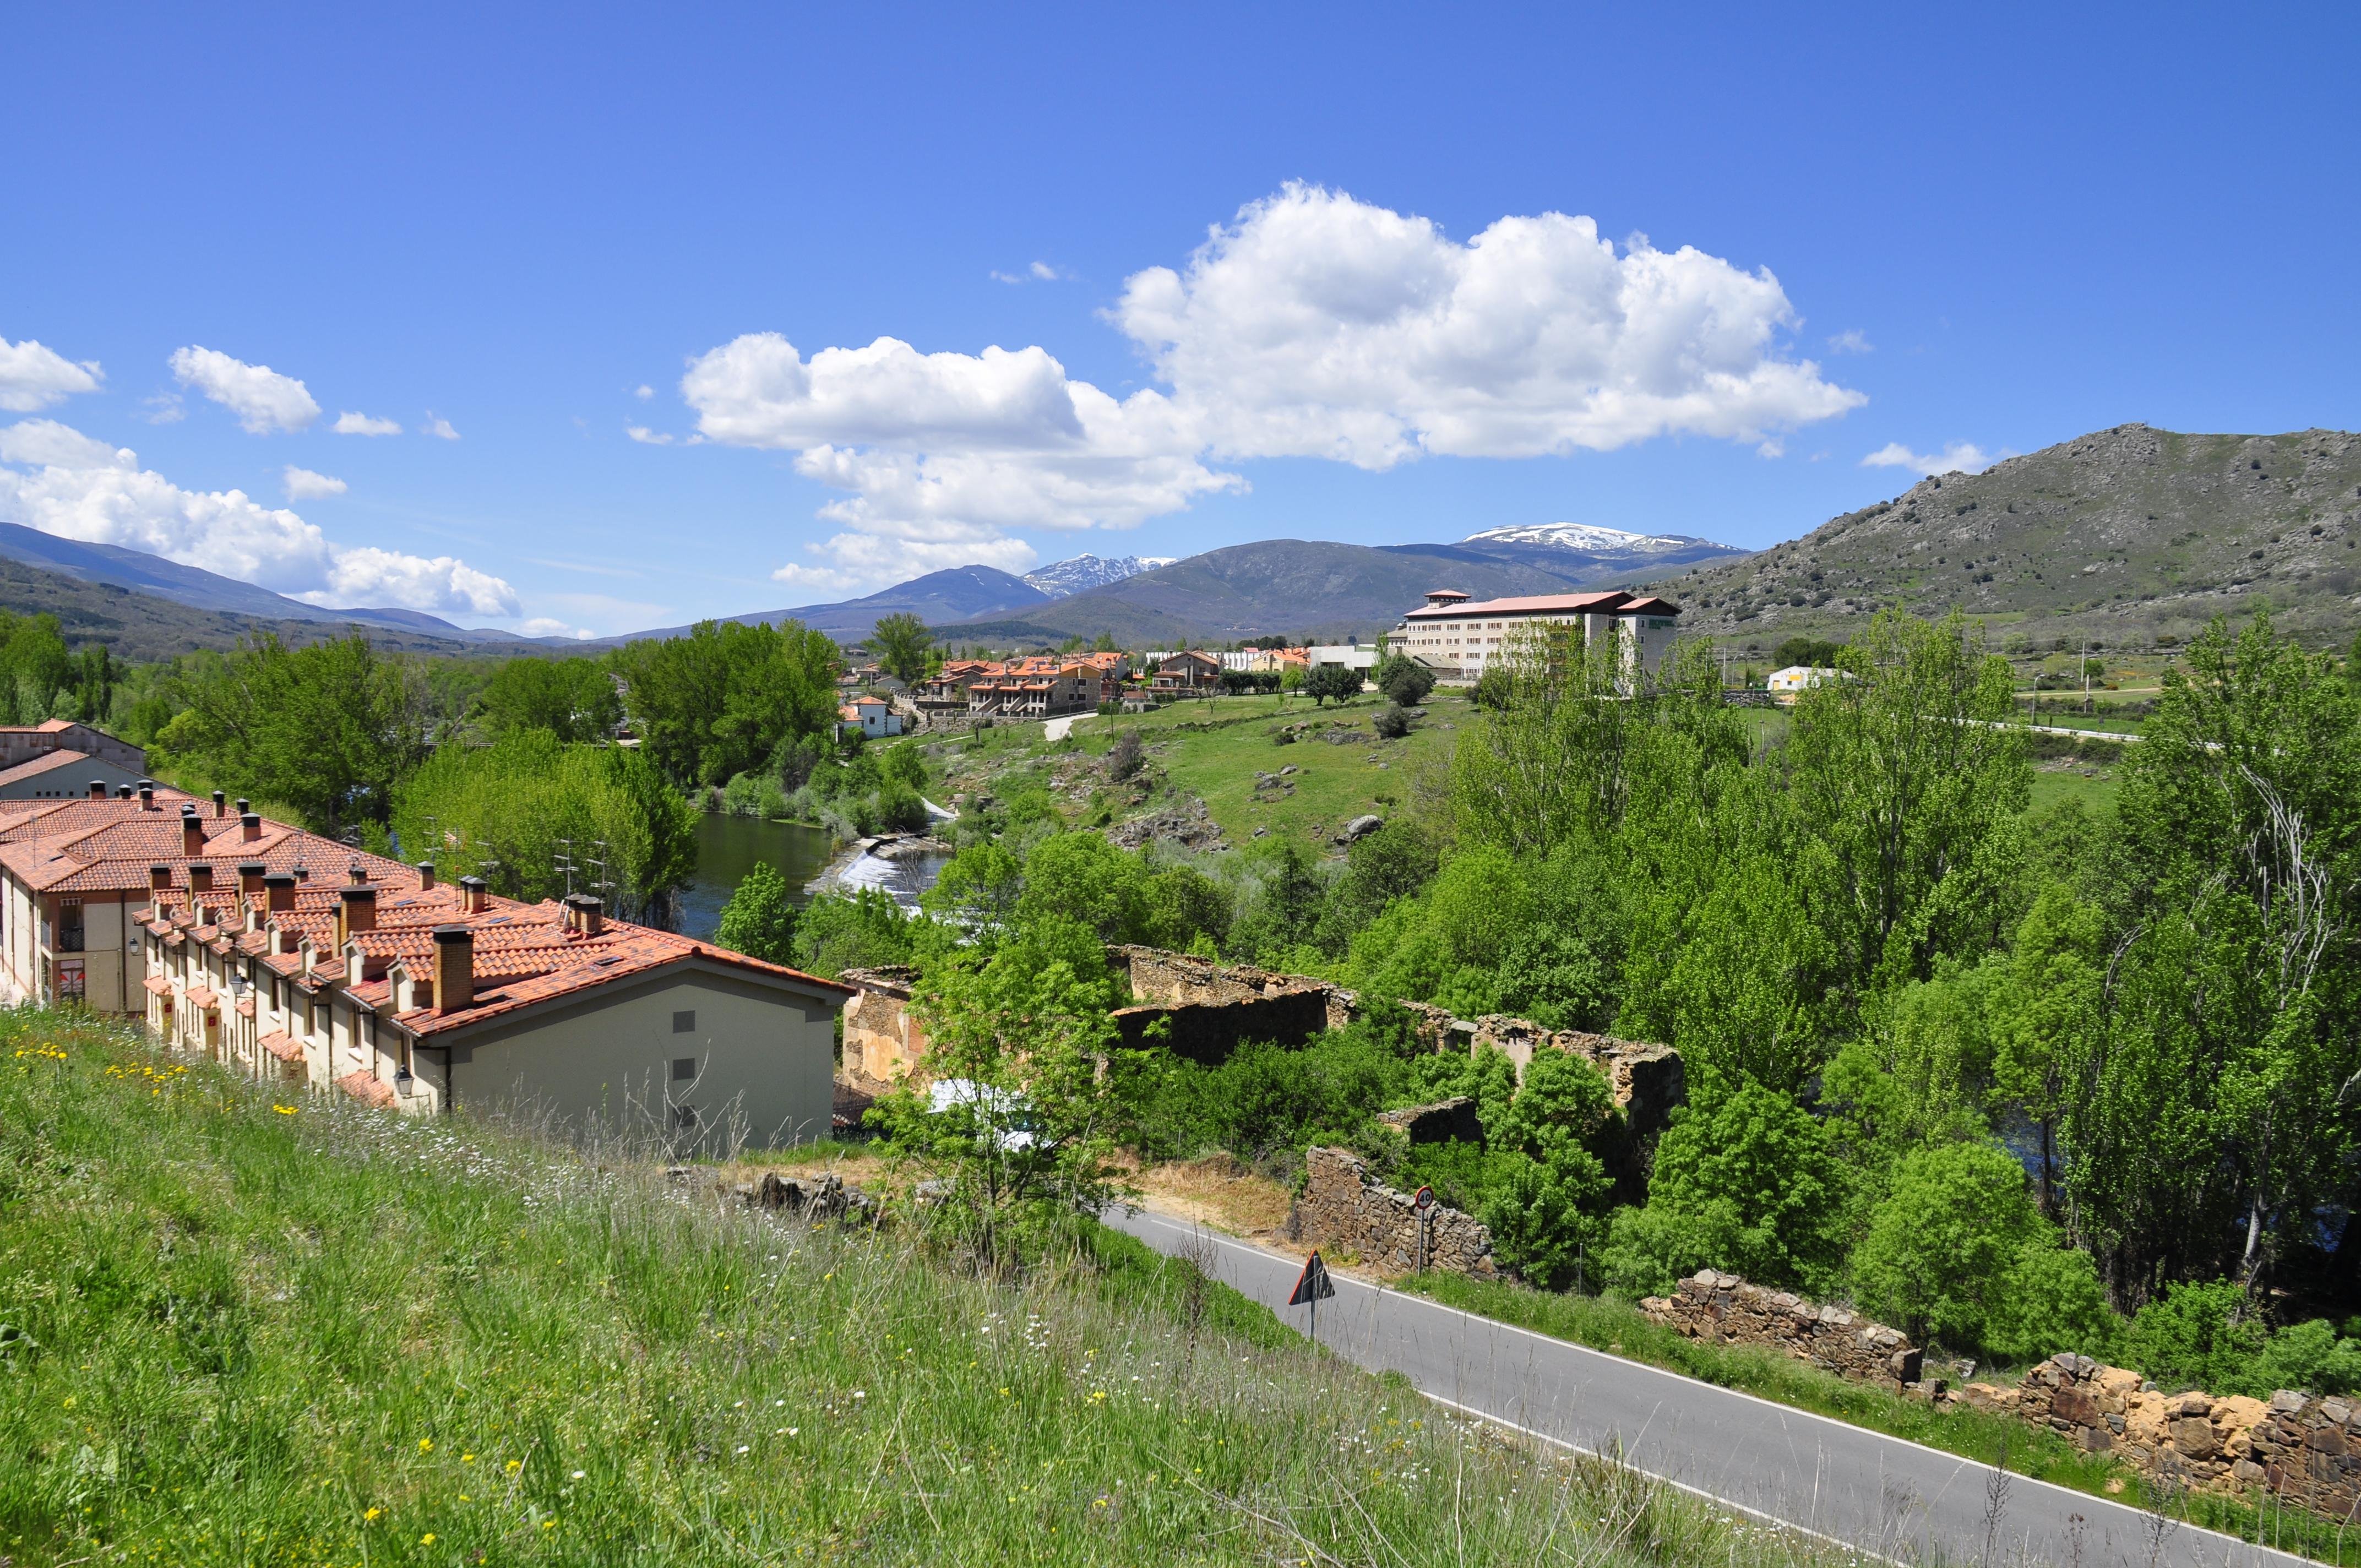 Fotos gratis paisaje monta a colina pueblo valle cordillera propiedad espa a delaware - Bienes raices espana ...